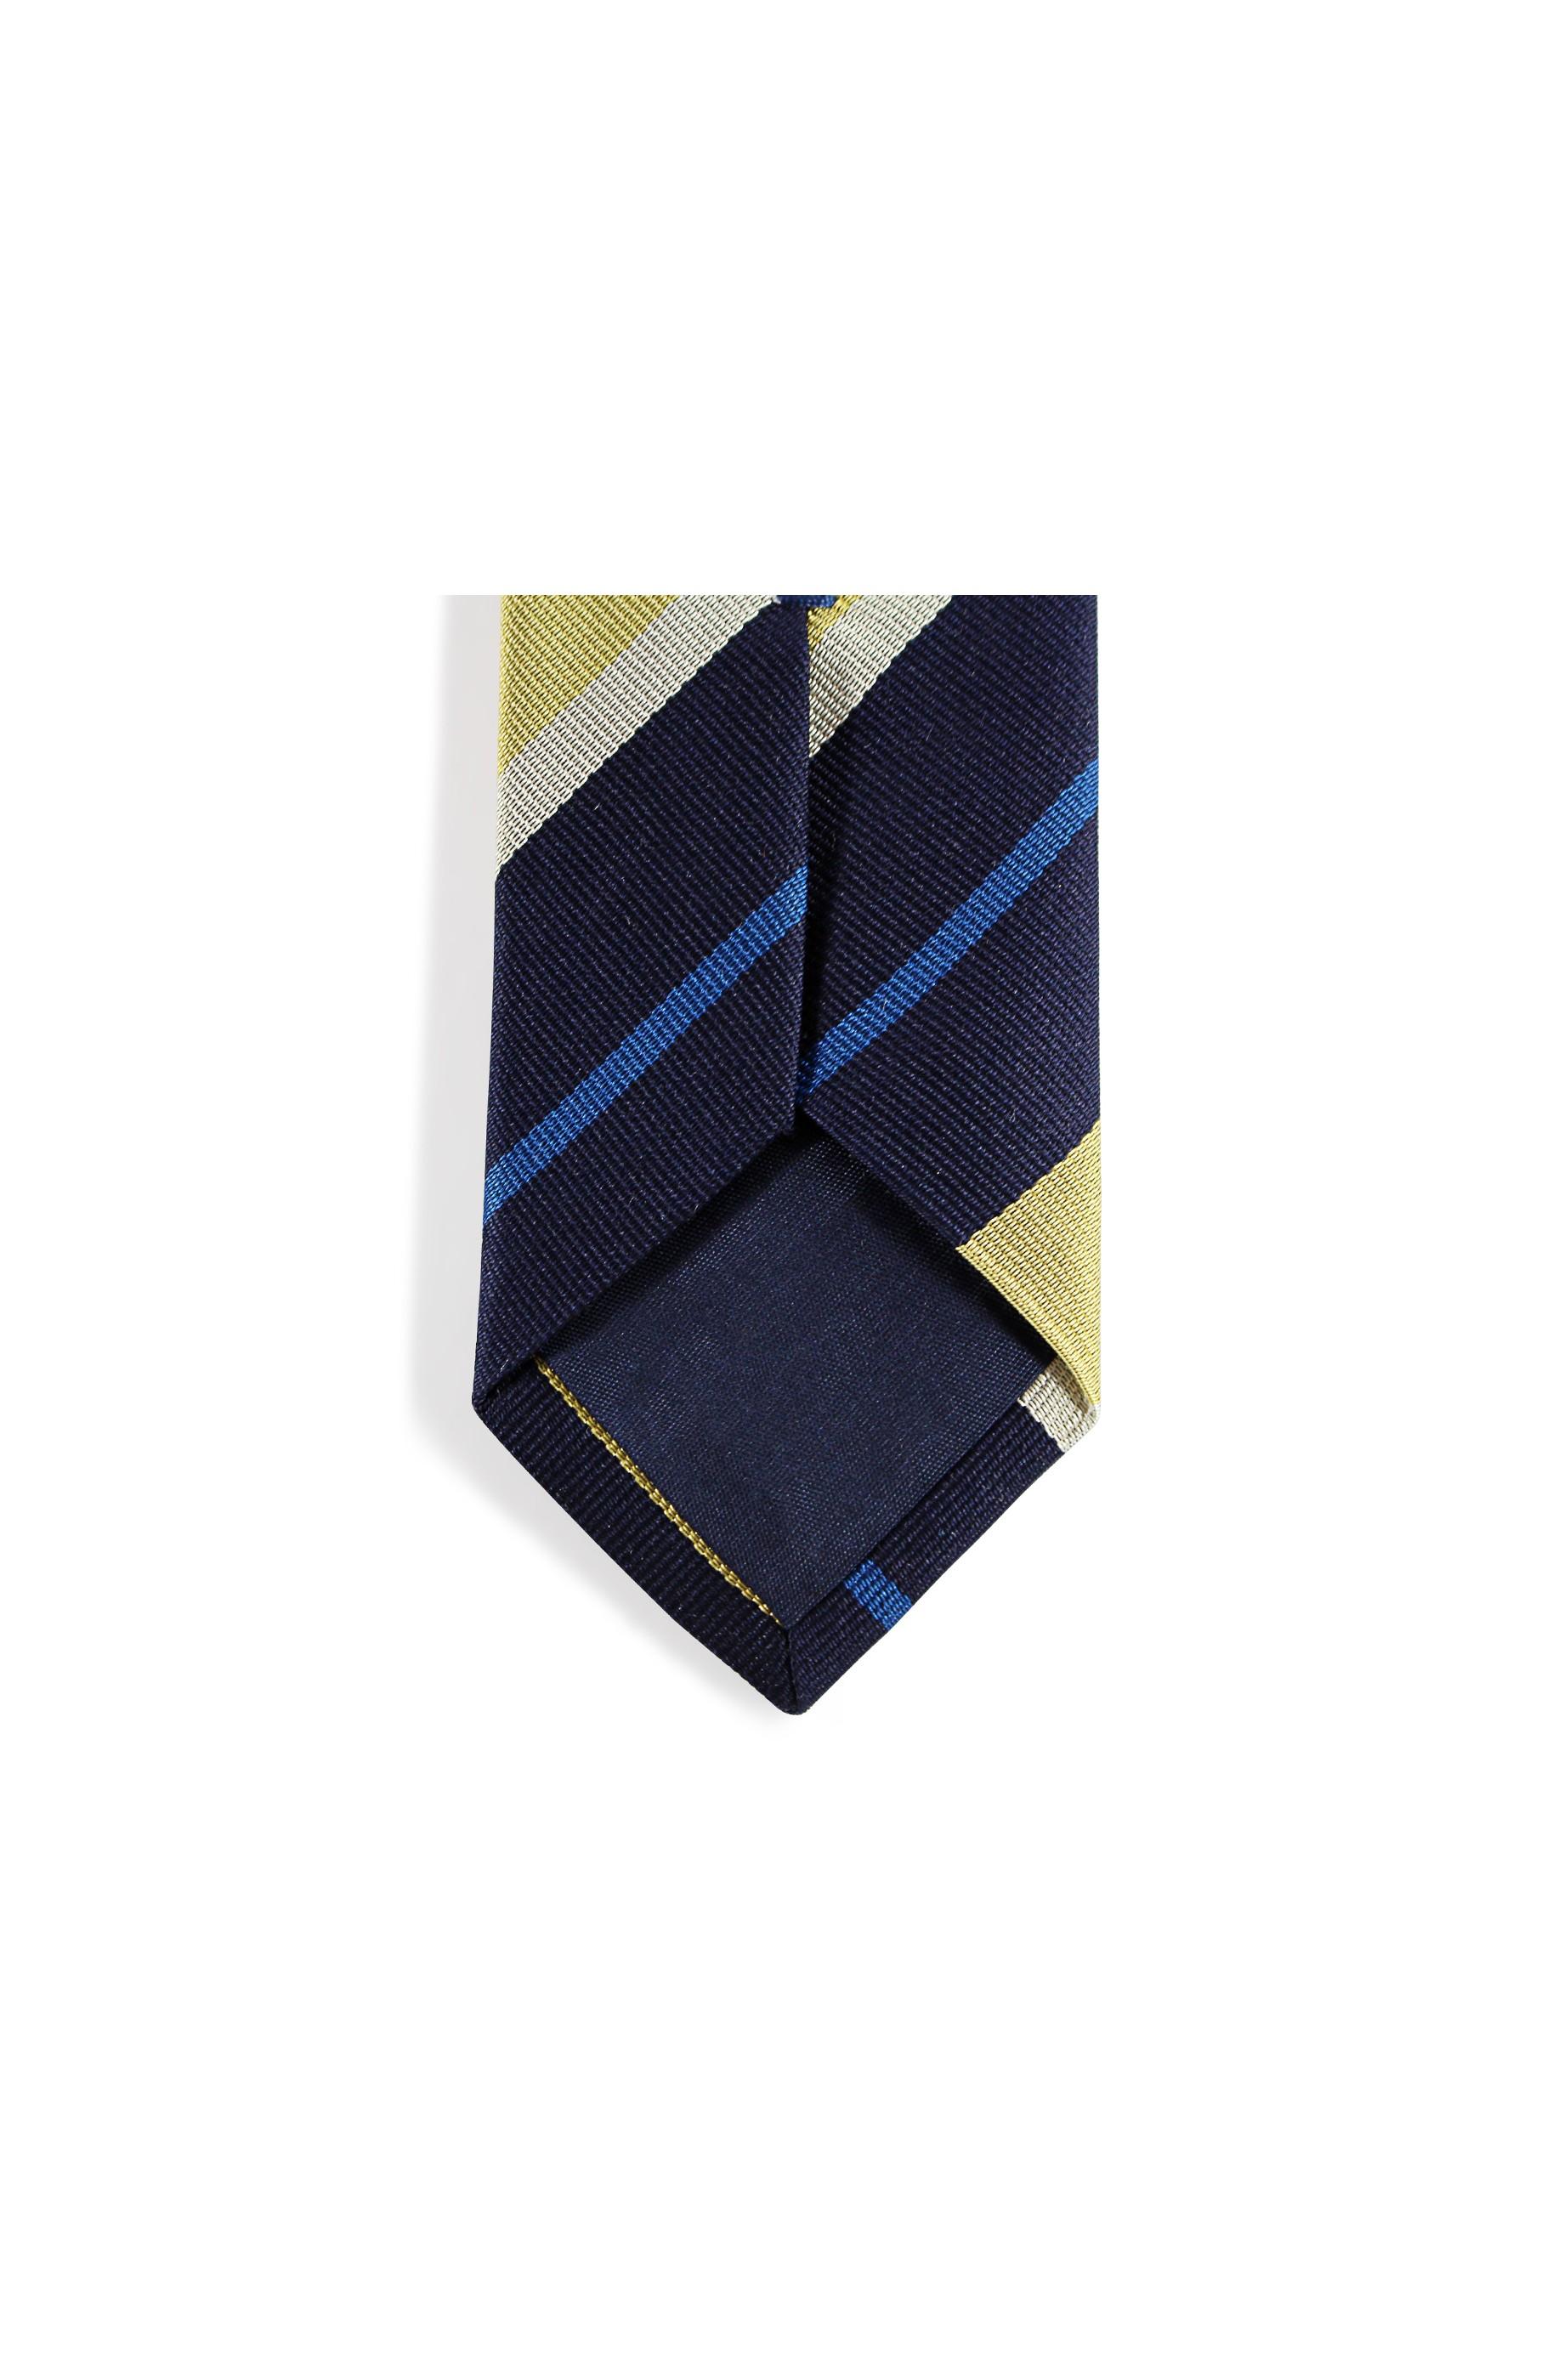 Majesté Couture Paris: Club navy tie | Accessories -  Hiphunters Shop